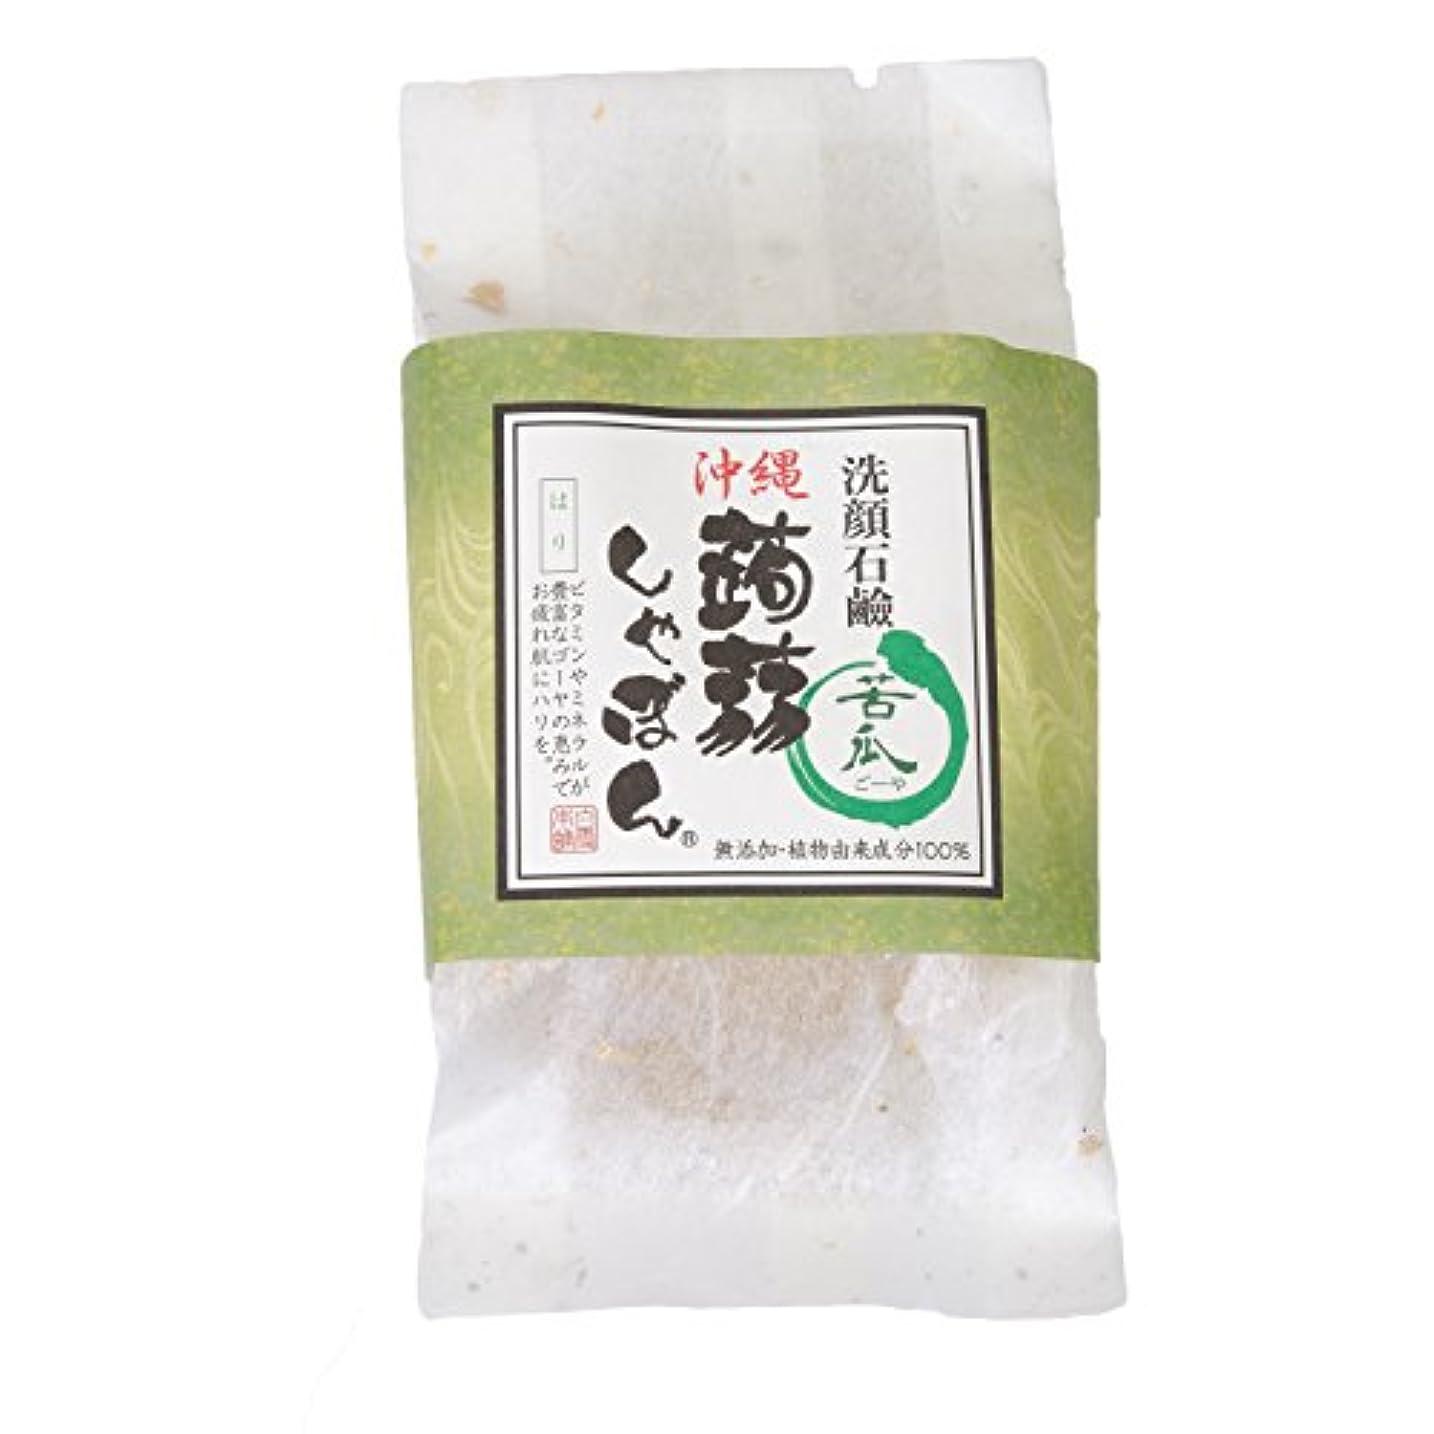 隣接する指定する繁栄沖縄 蒟蒻しゃぼん 金 ゴーヤ ぷるぷる 洗顔石鹸 石鹸 保湿 泡立ちソープ